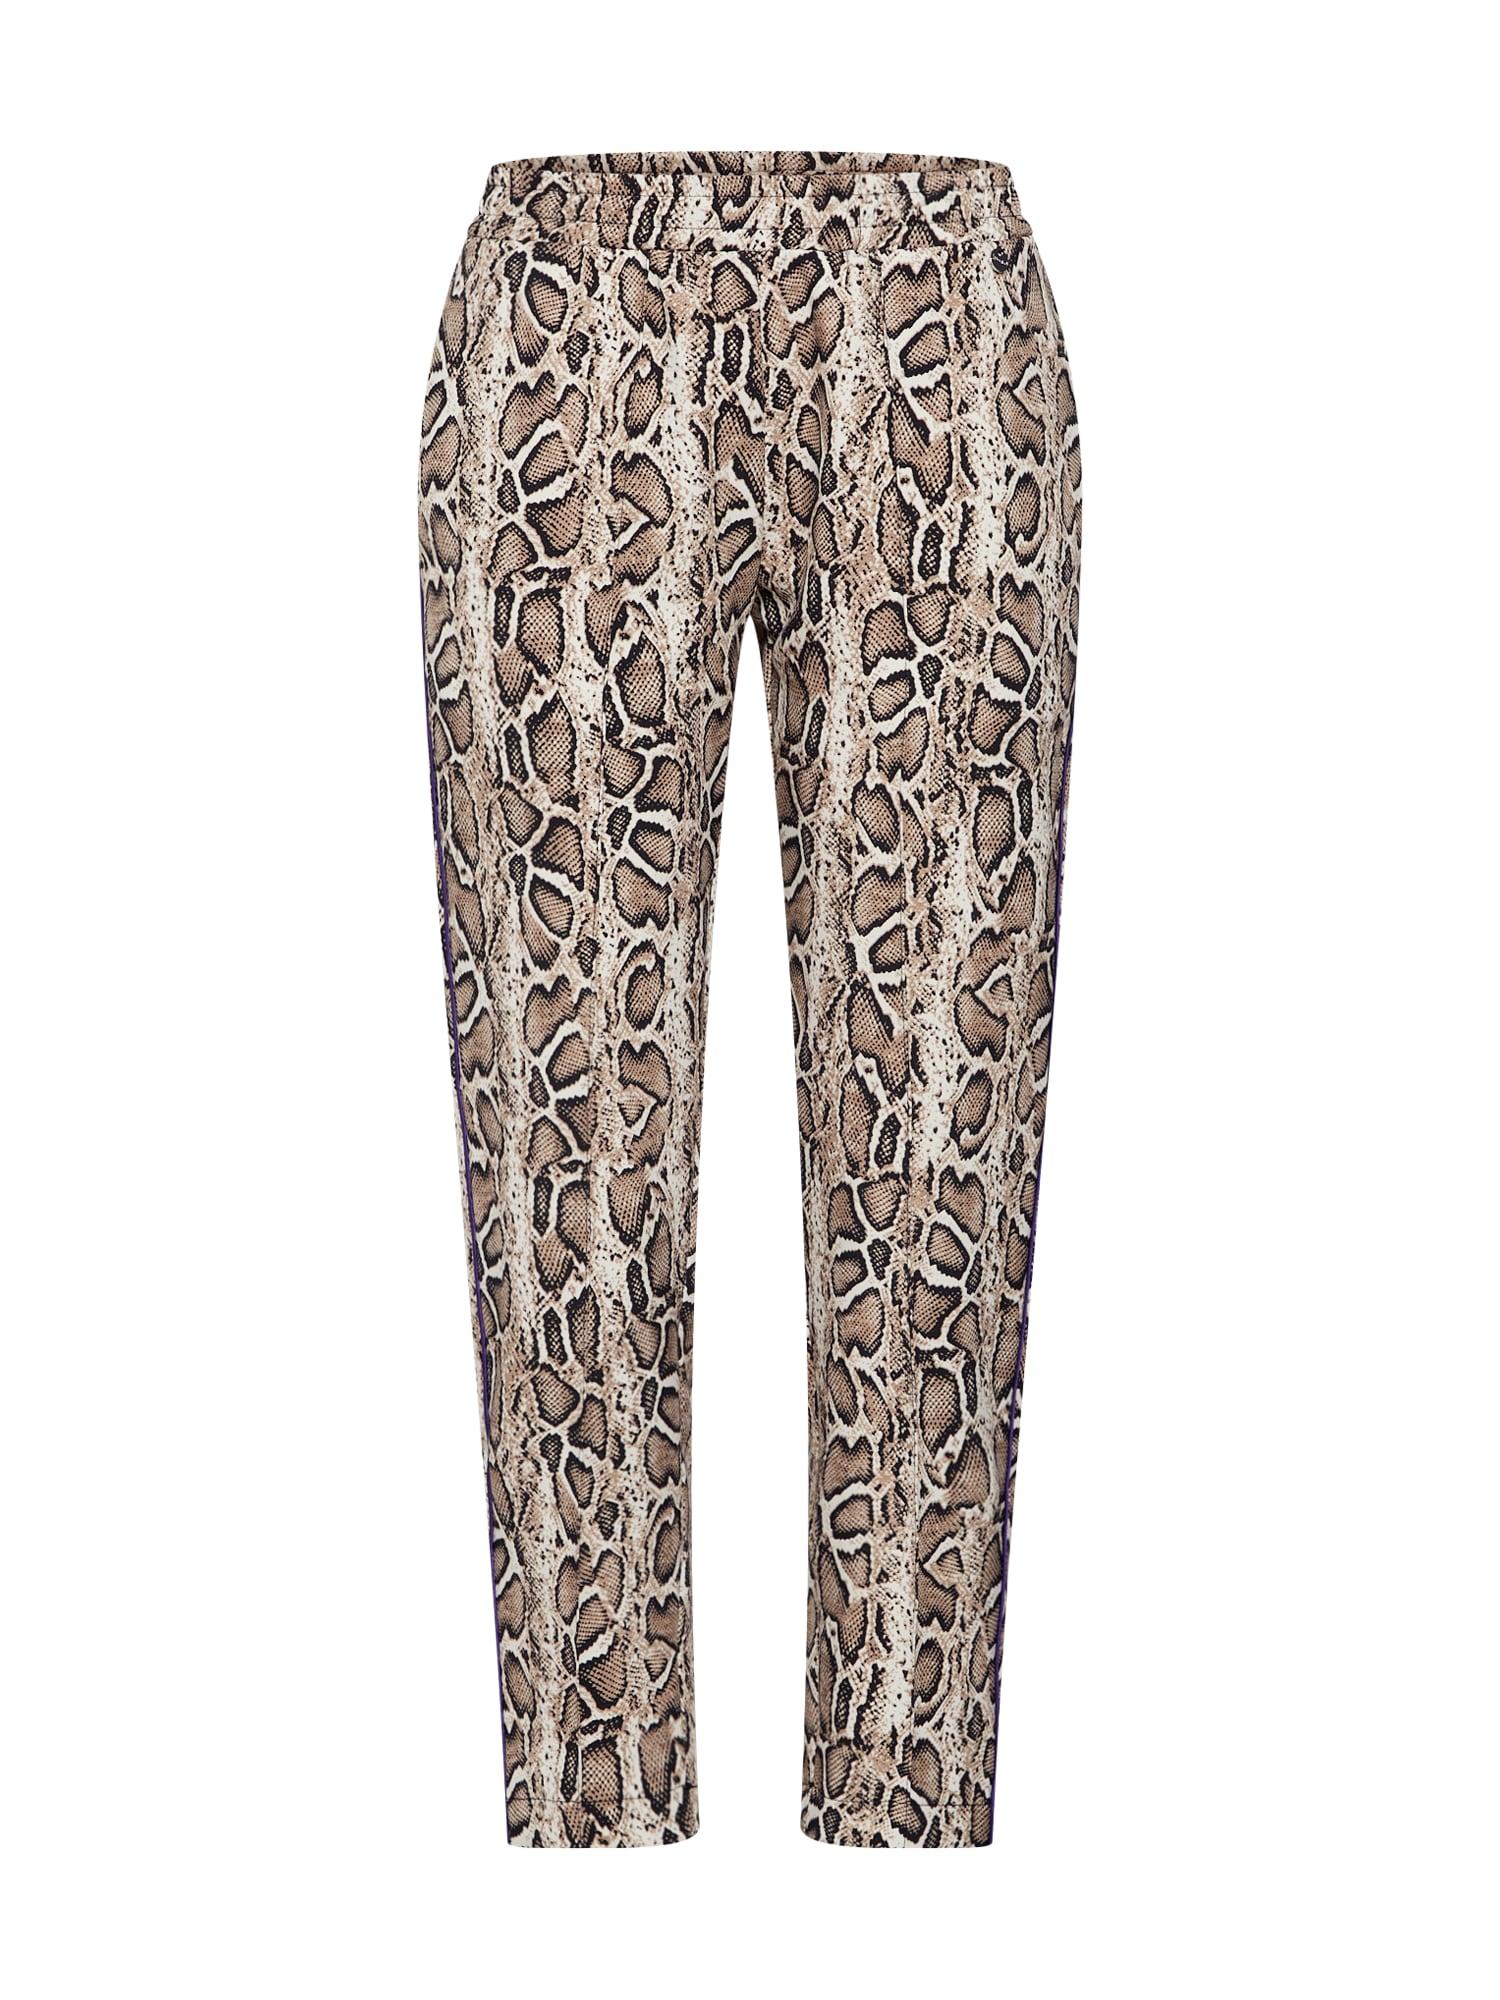 Kalhoty LG006170 béžová Liebesglück